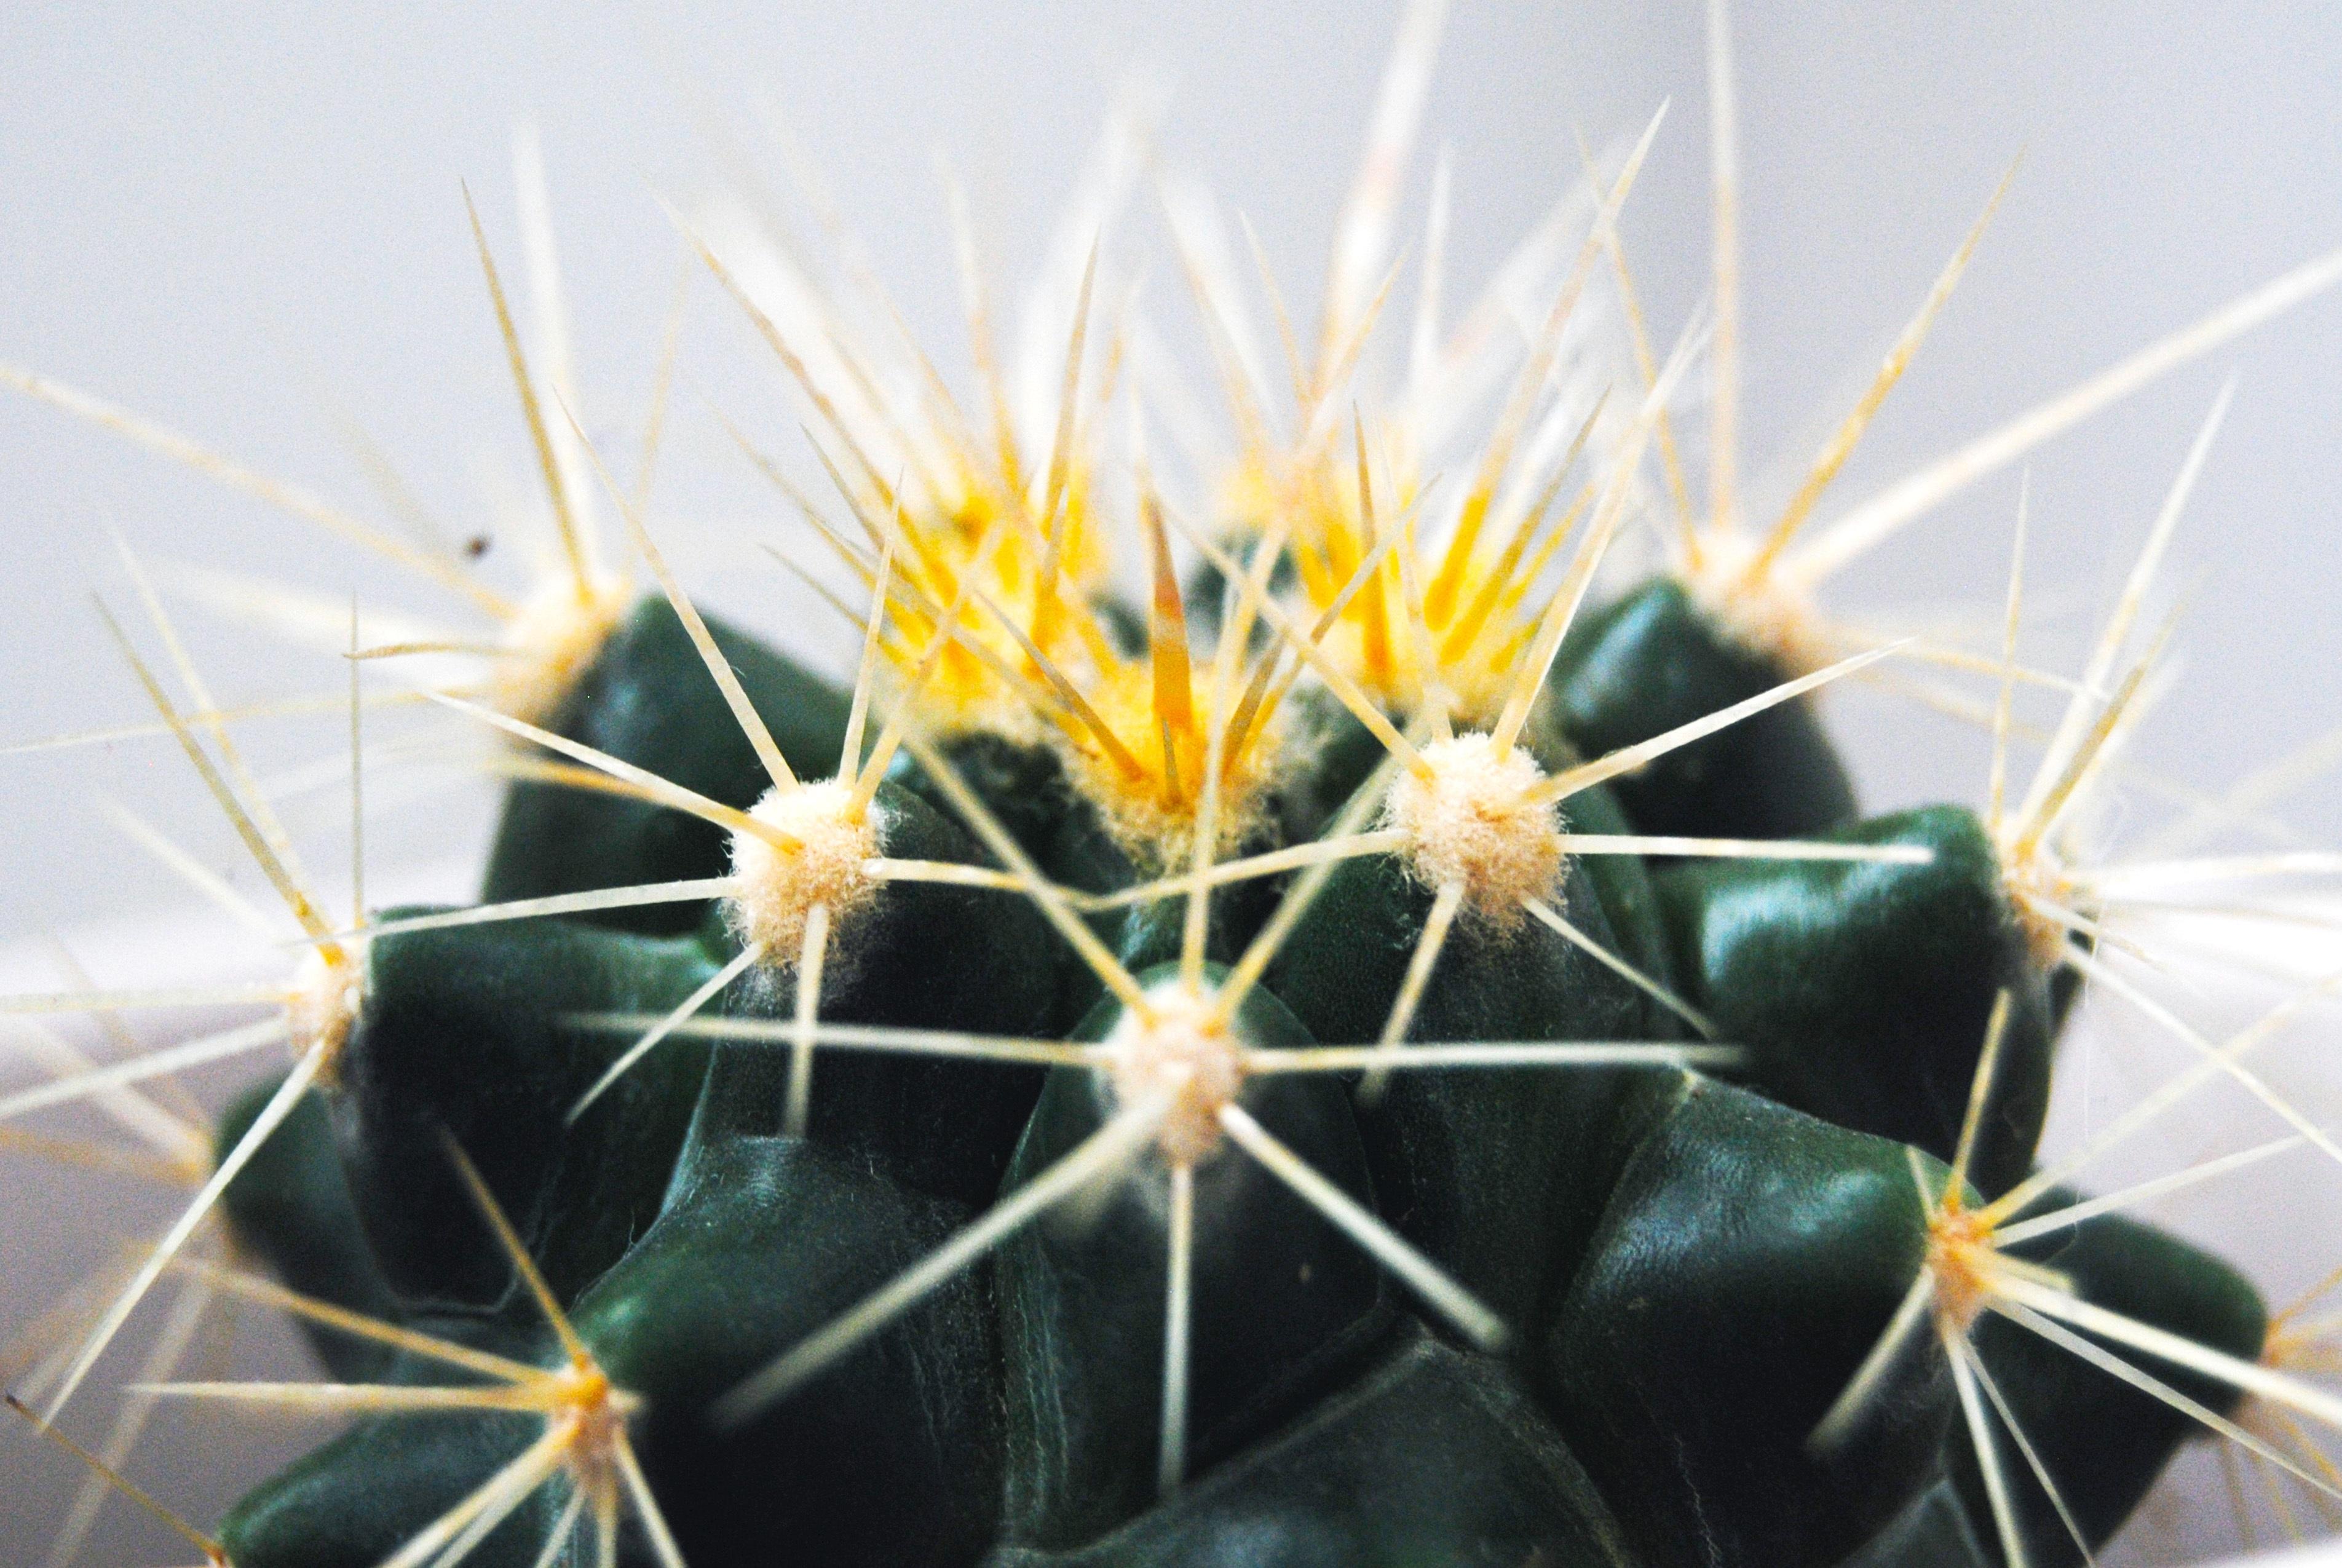 Wallpaper Cactus Thorns Succulent 3809x2550 Goodfon 1188270